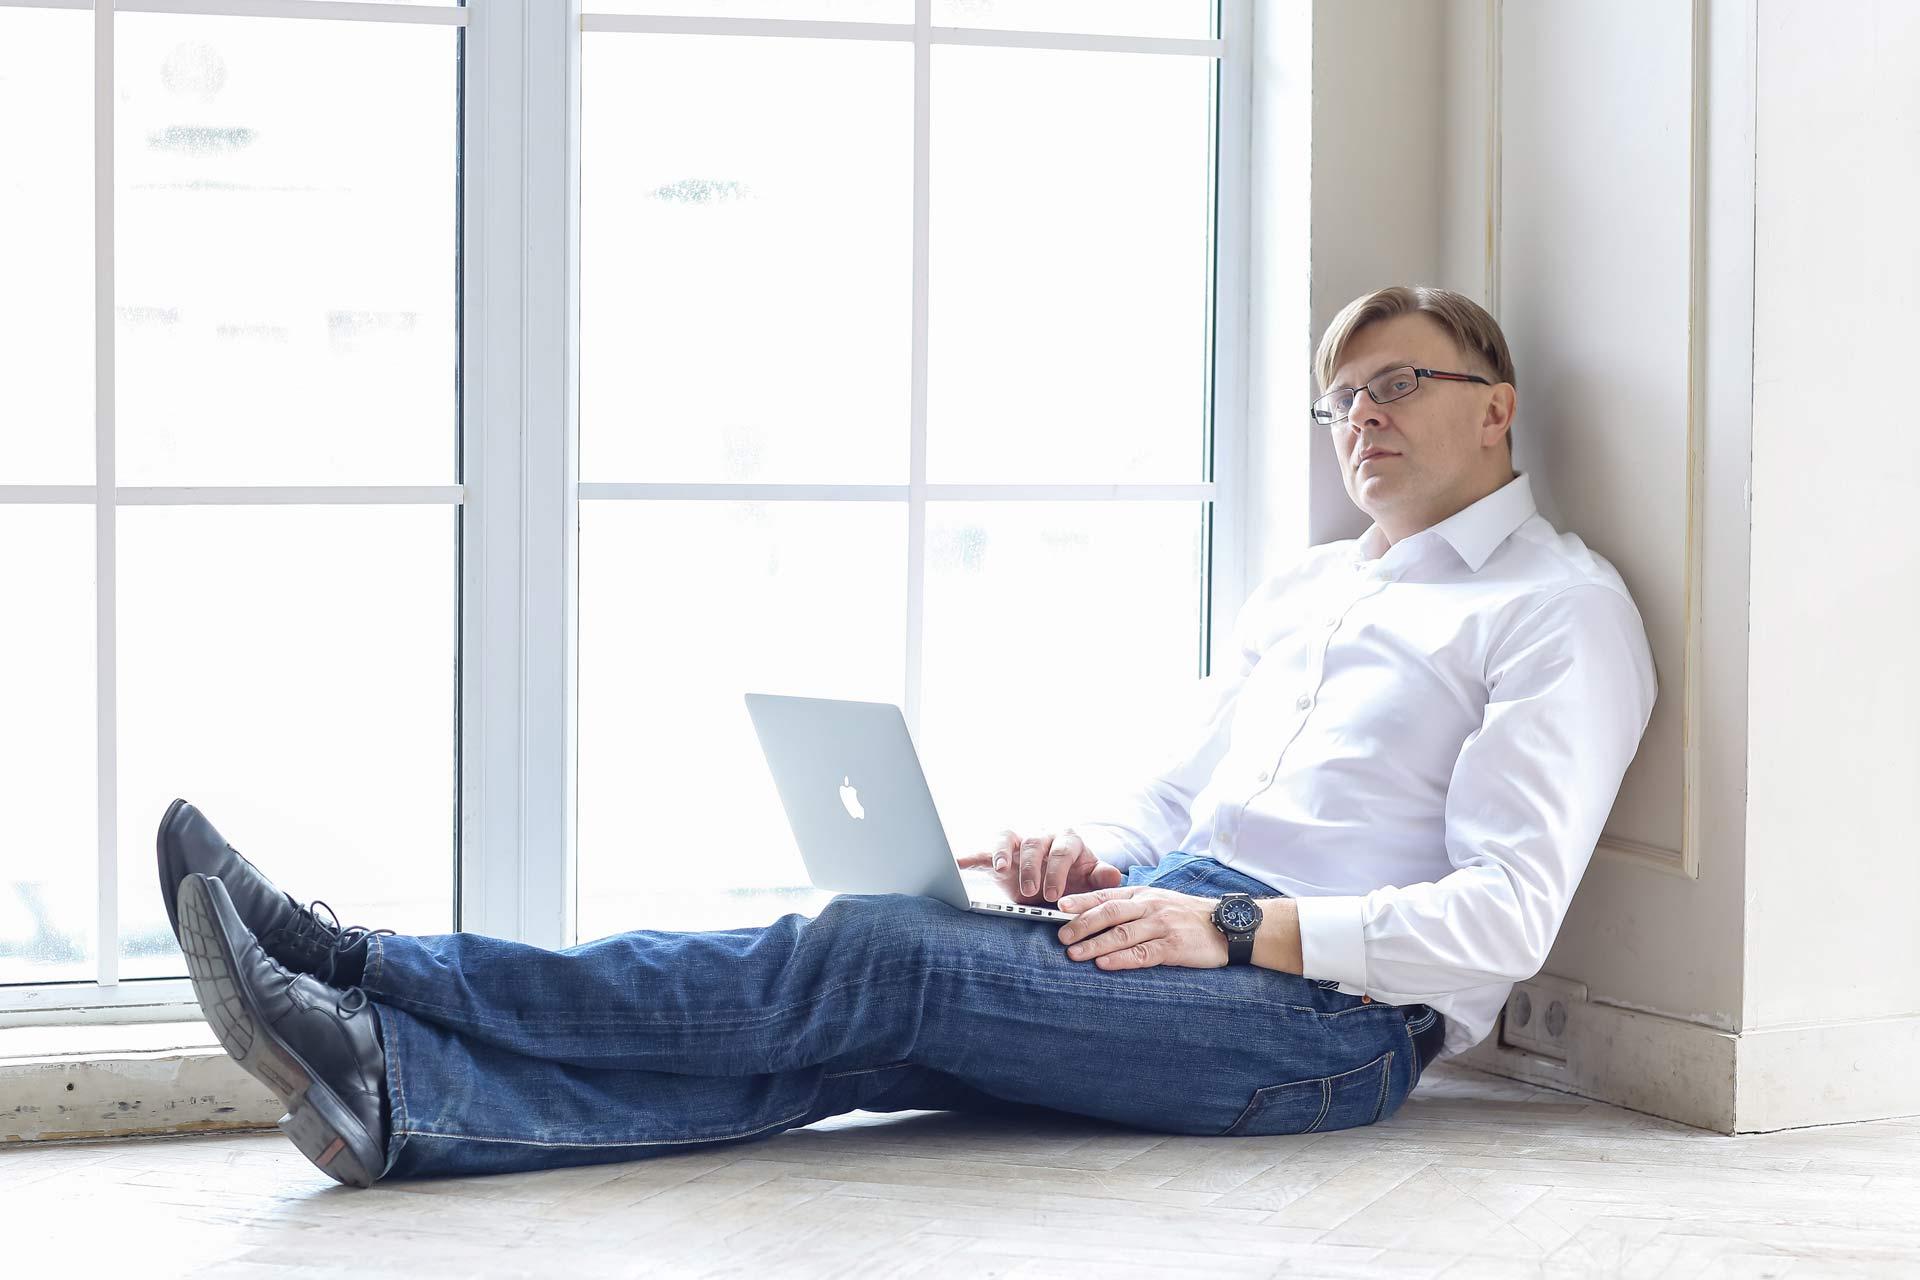 Алексей Крутицкий — бизнес-тренер, коуч, предприниматель